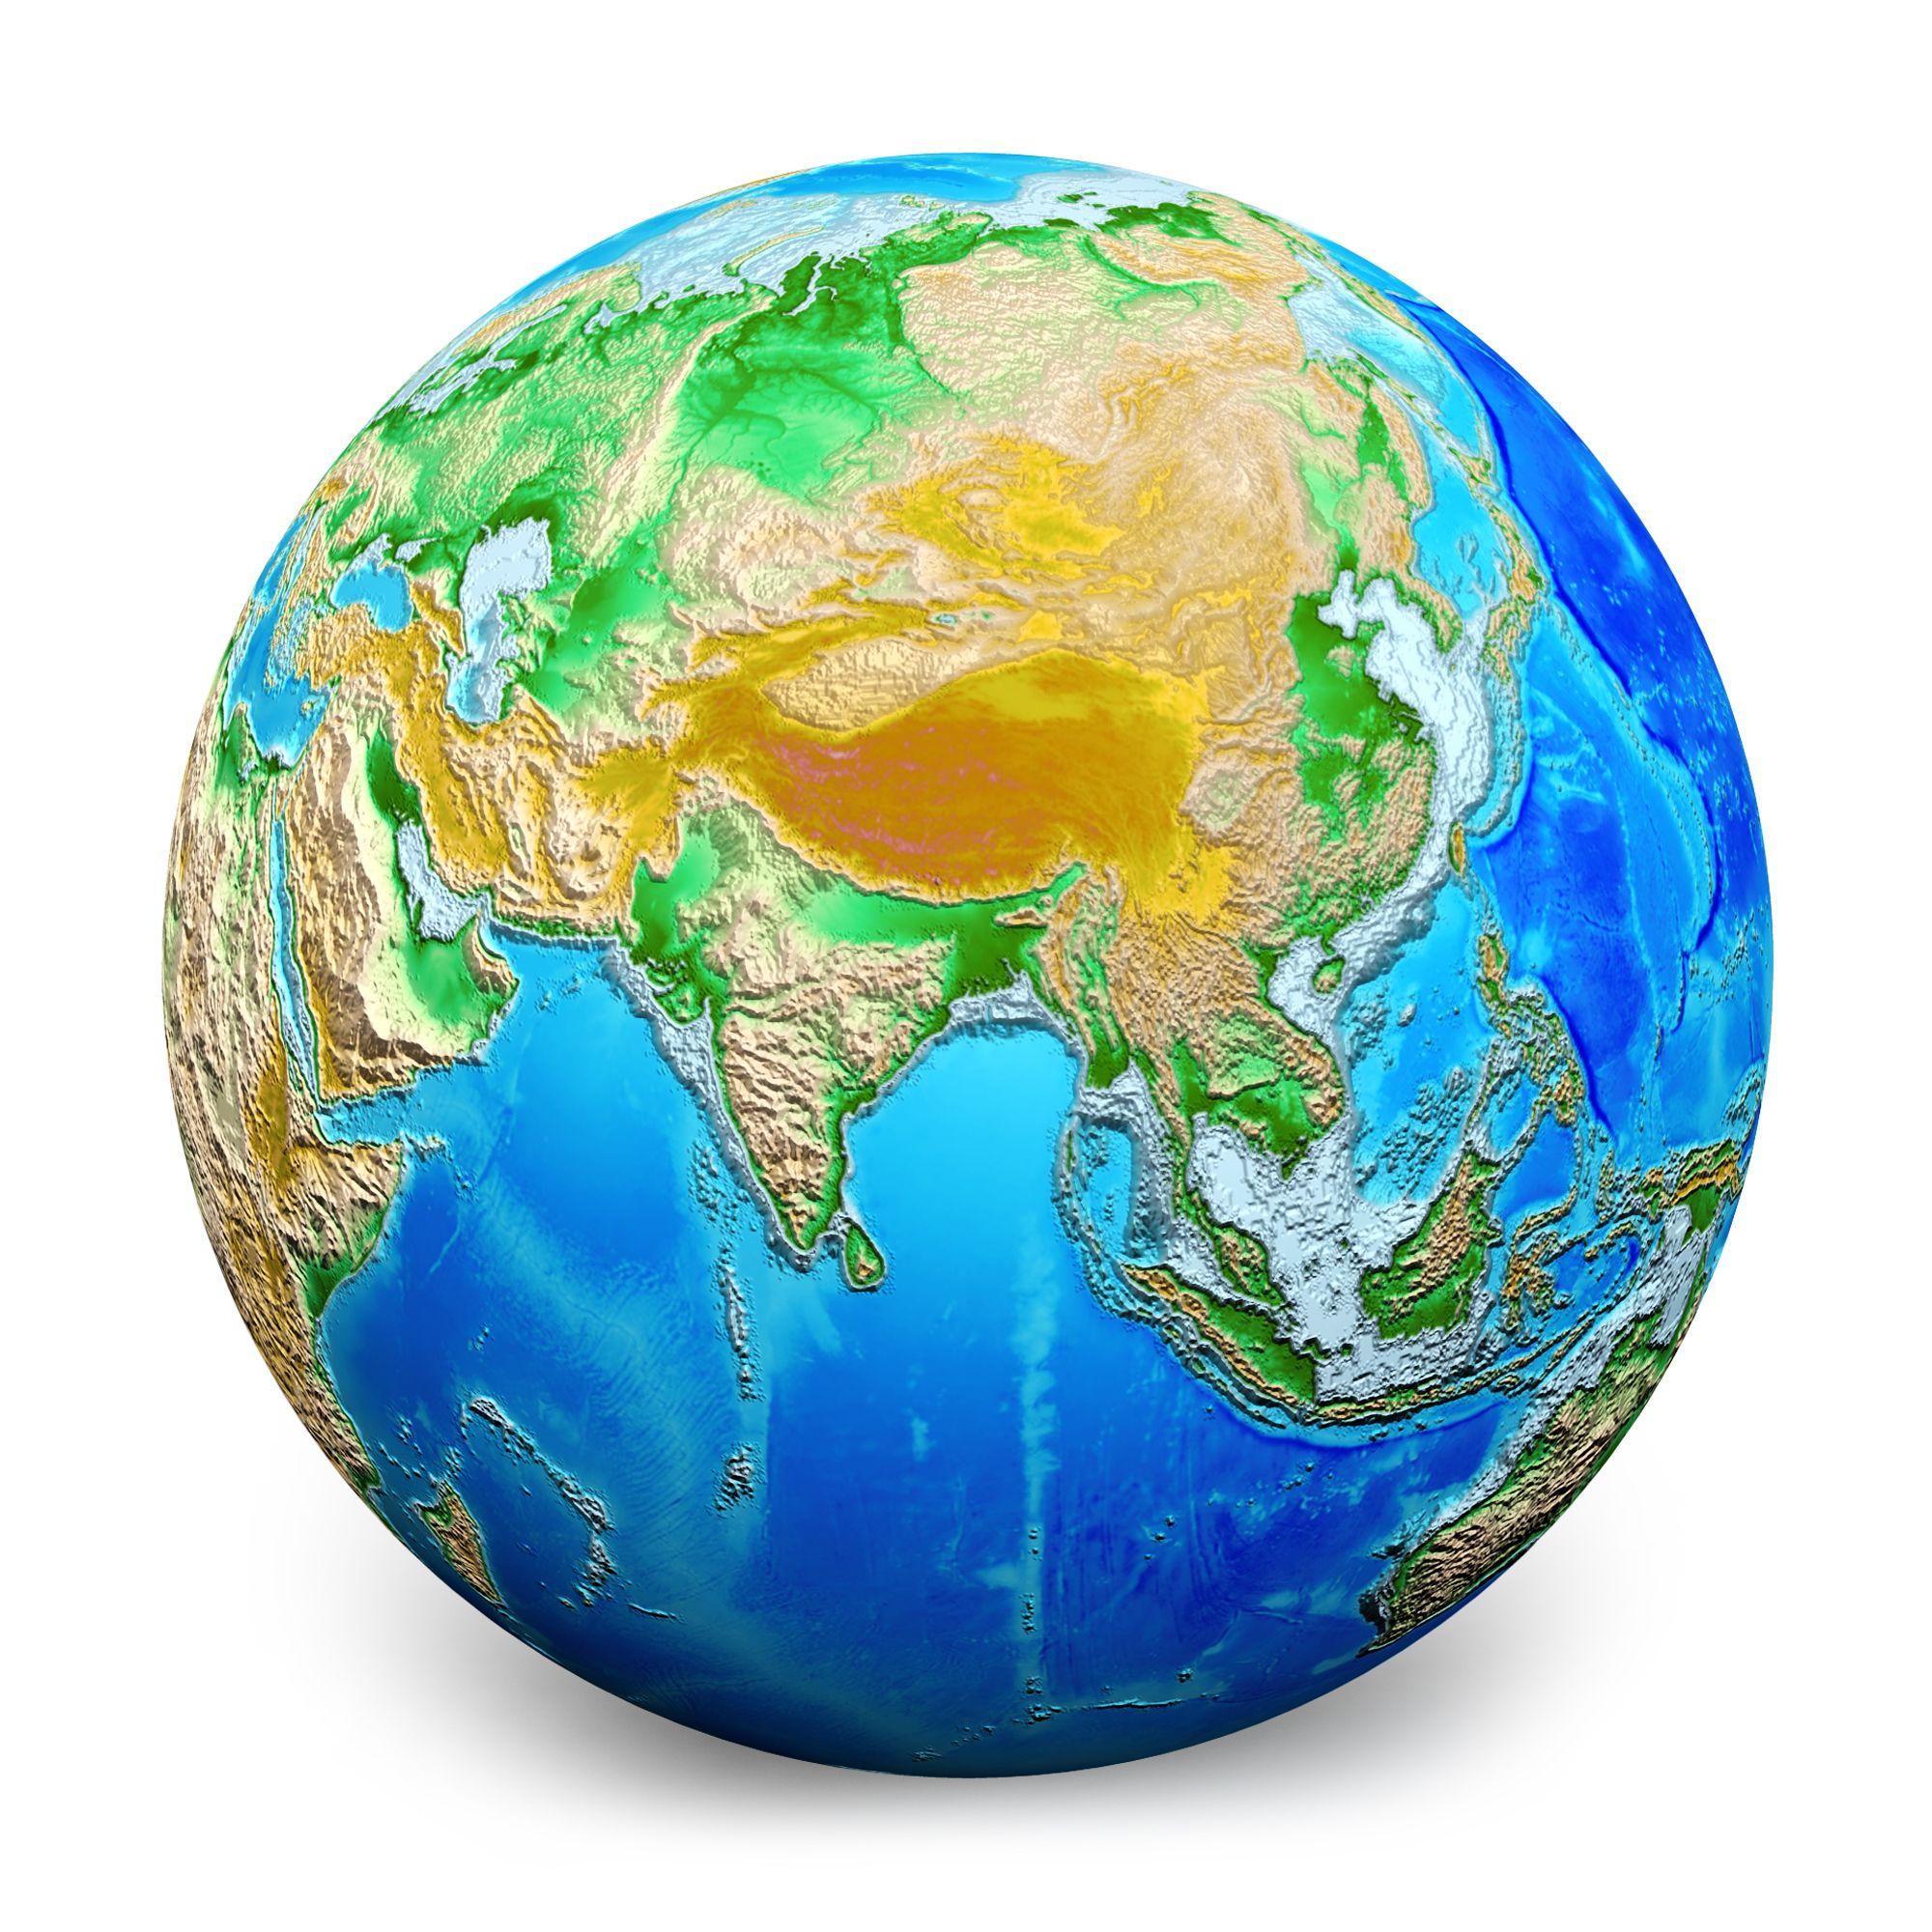 этой картинки планета глобус пальма наличии широкий выбор